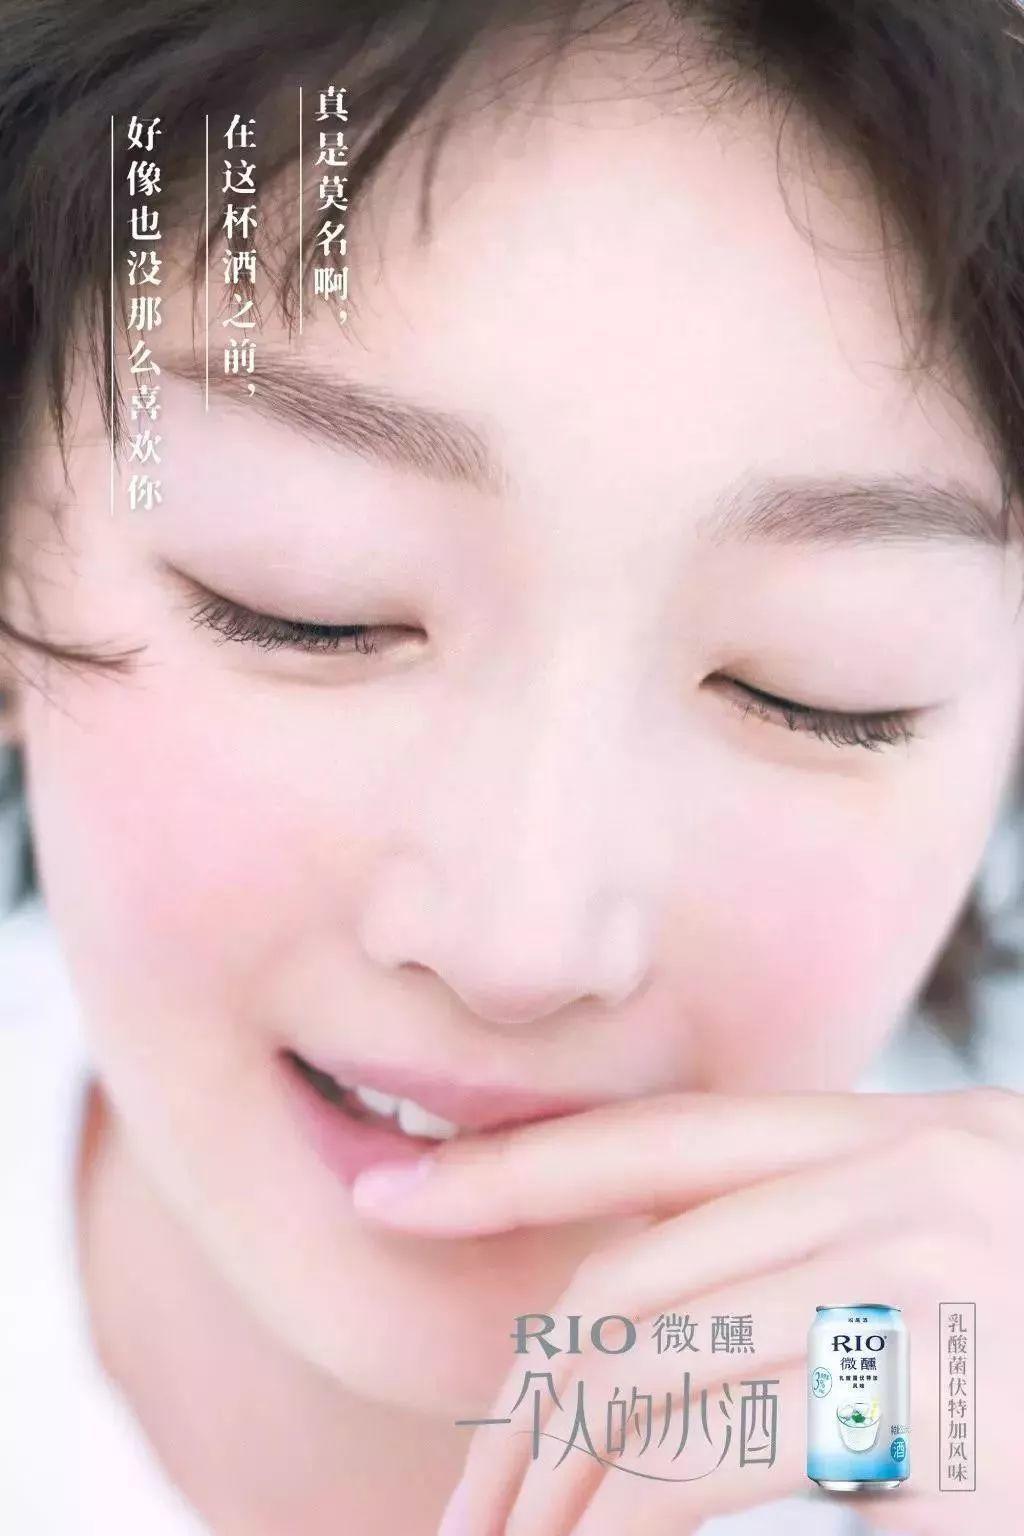 好文案,先细分!-CNMOAD 中文移动营销资讯 12